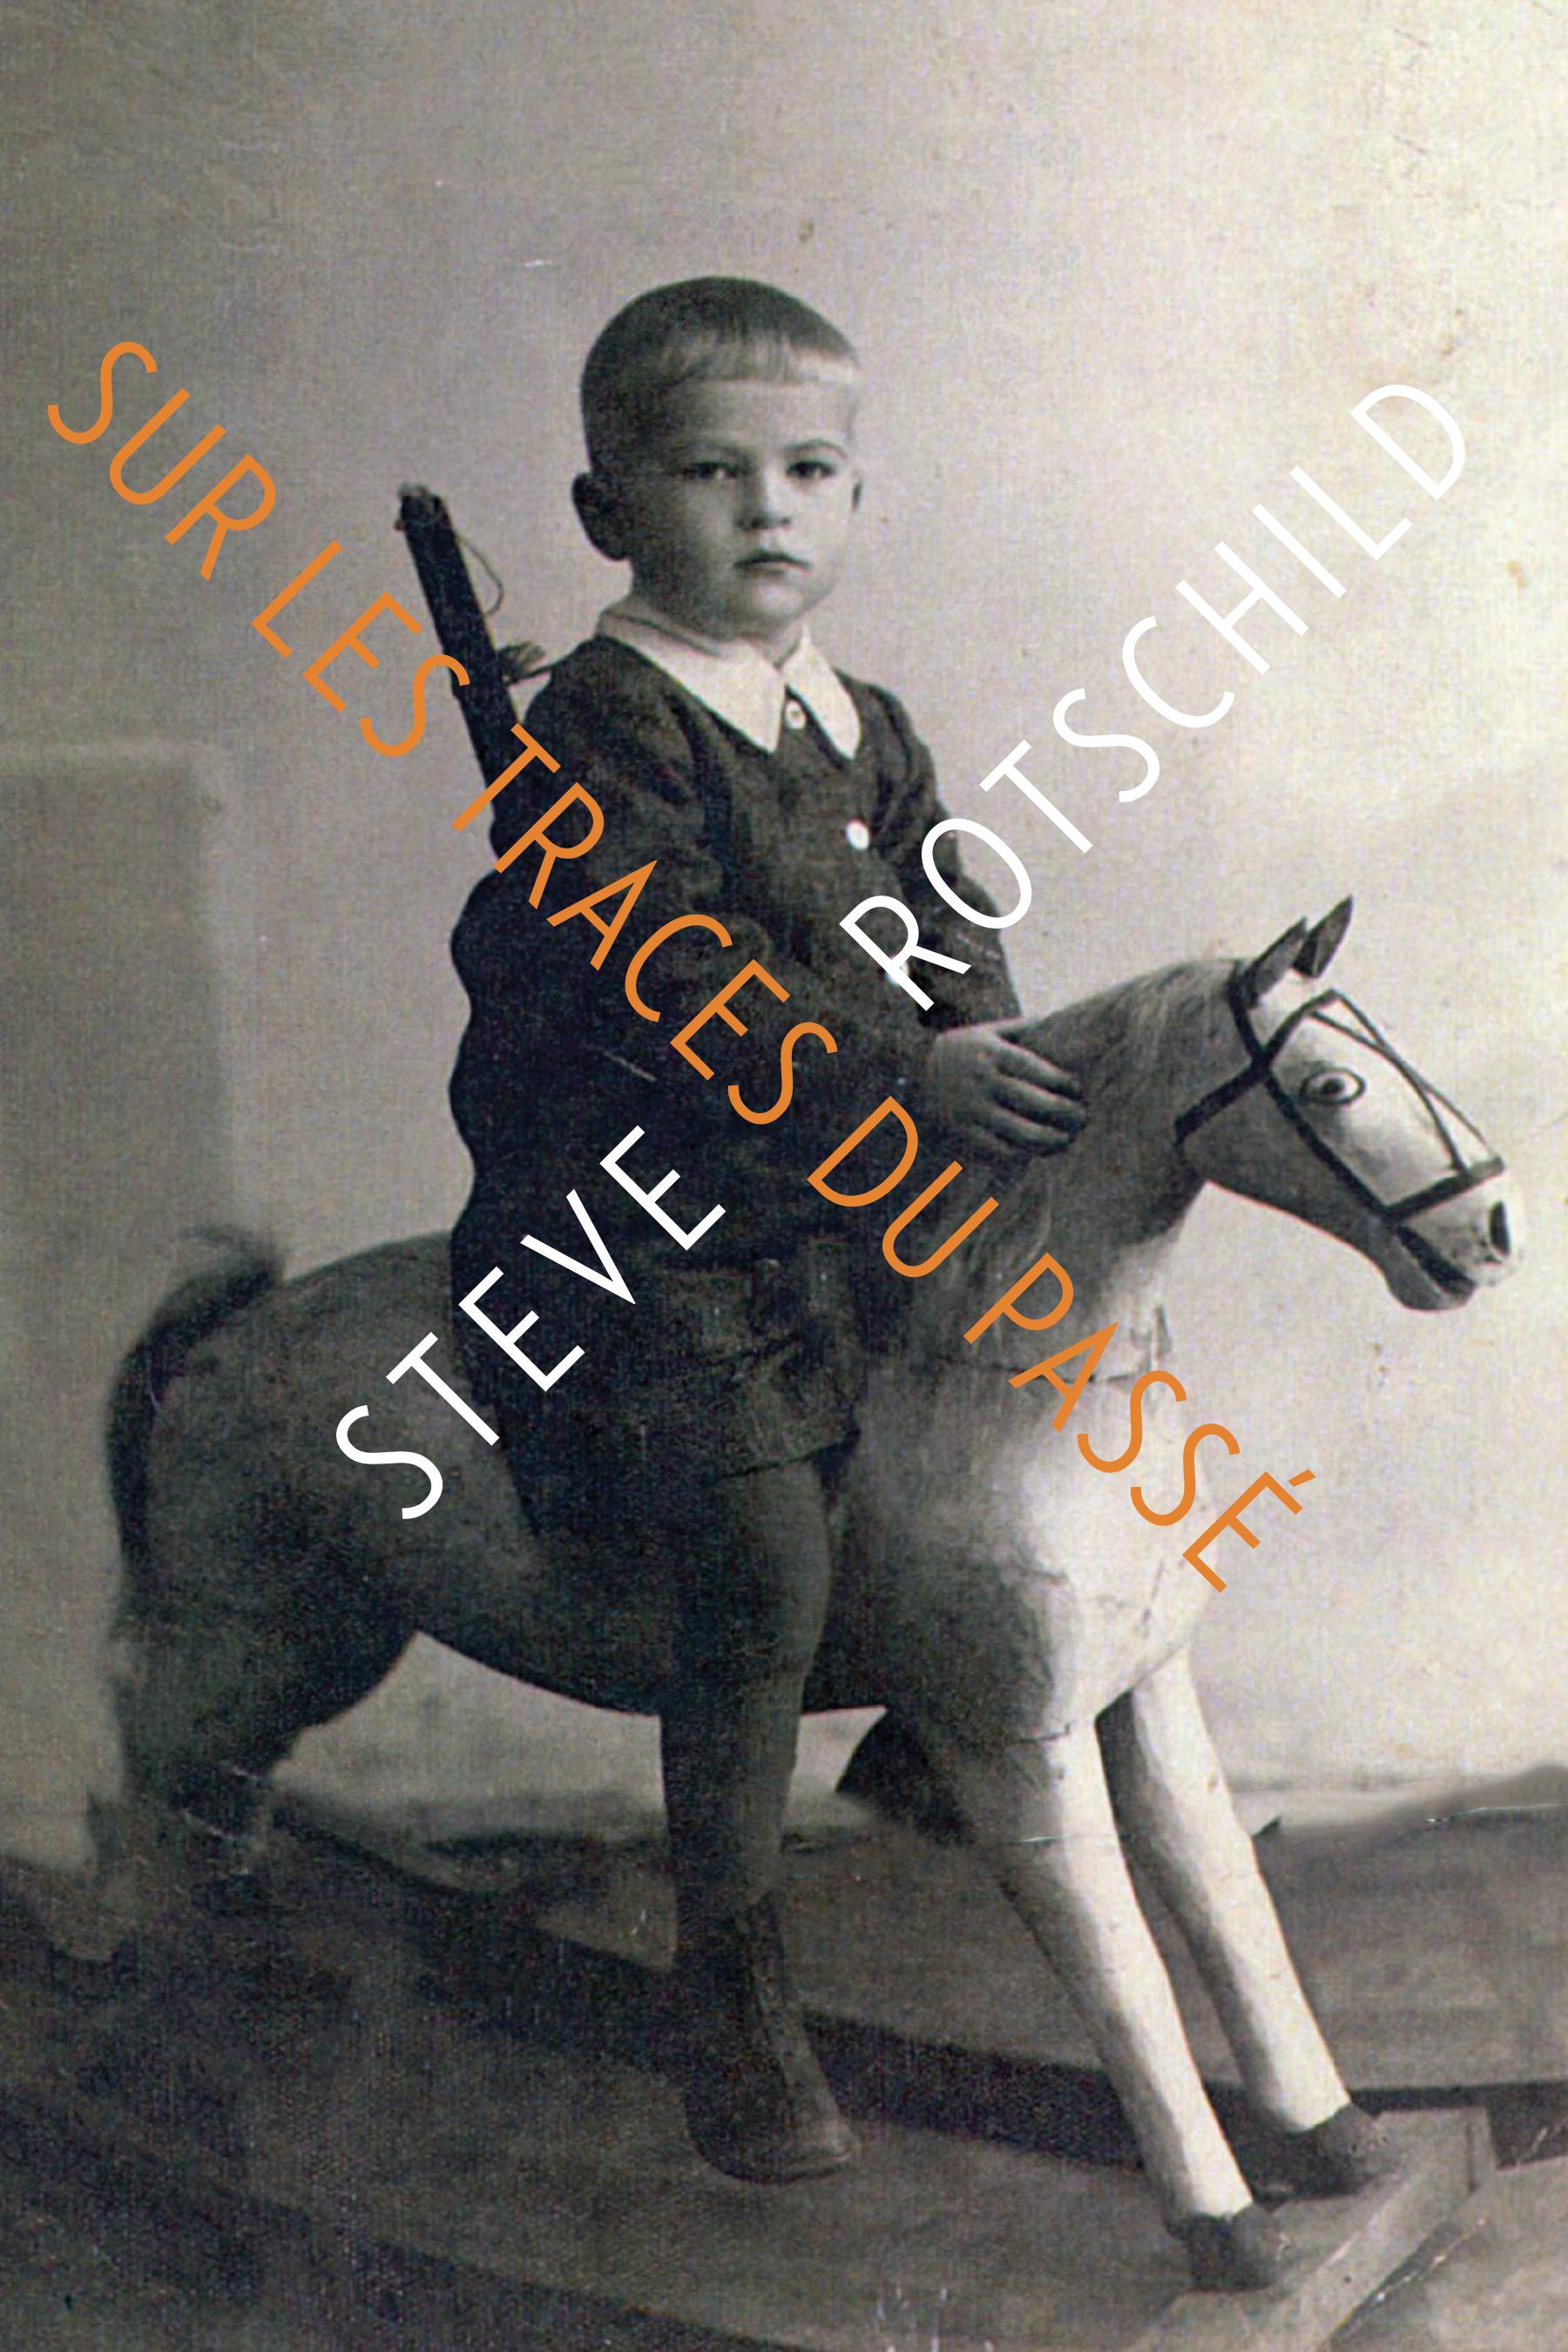 Sur les traces du passé book cover